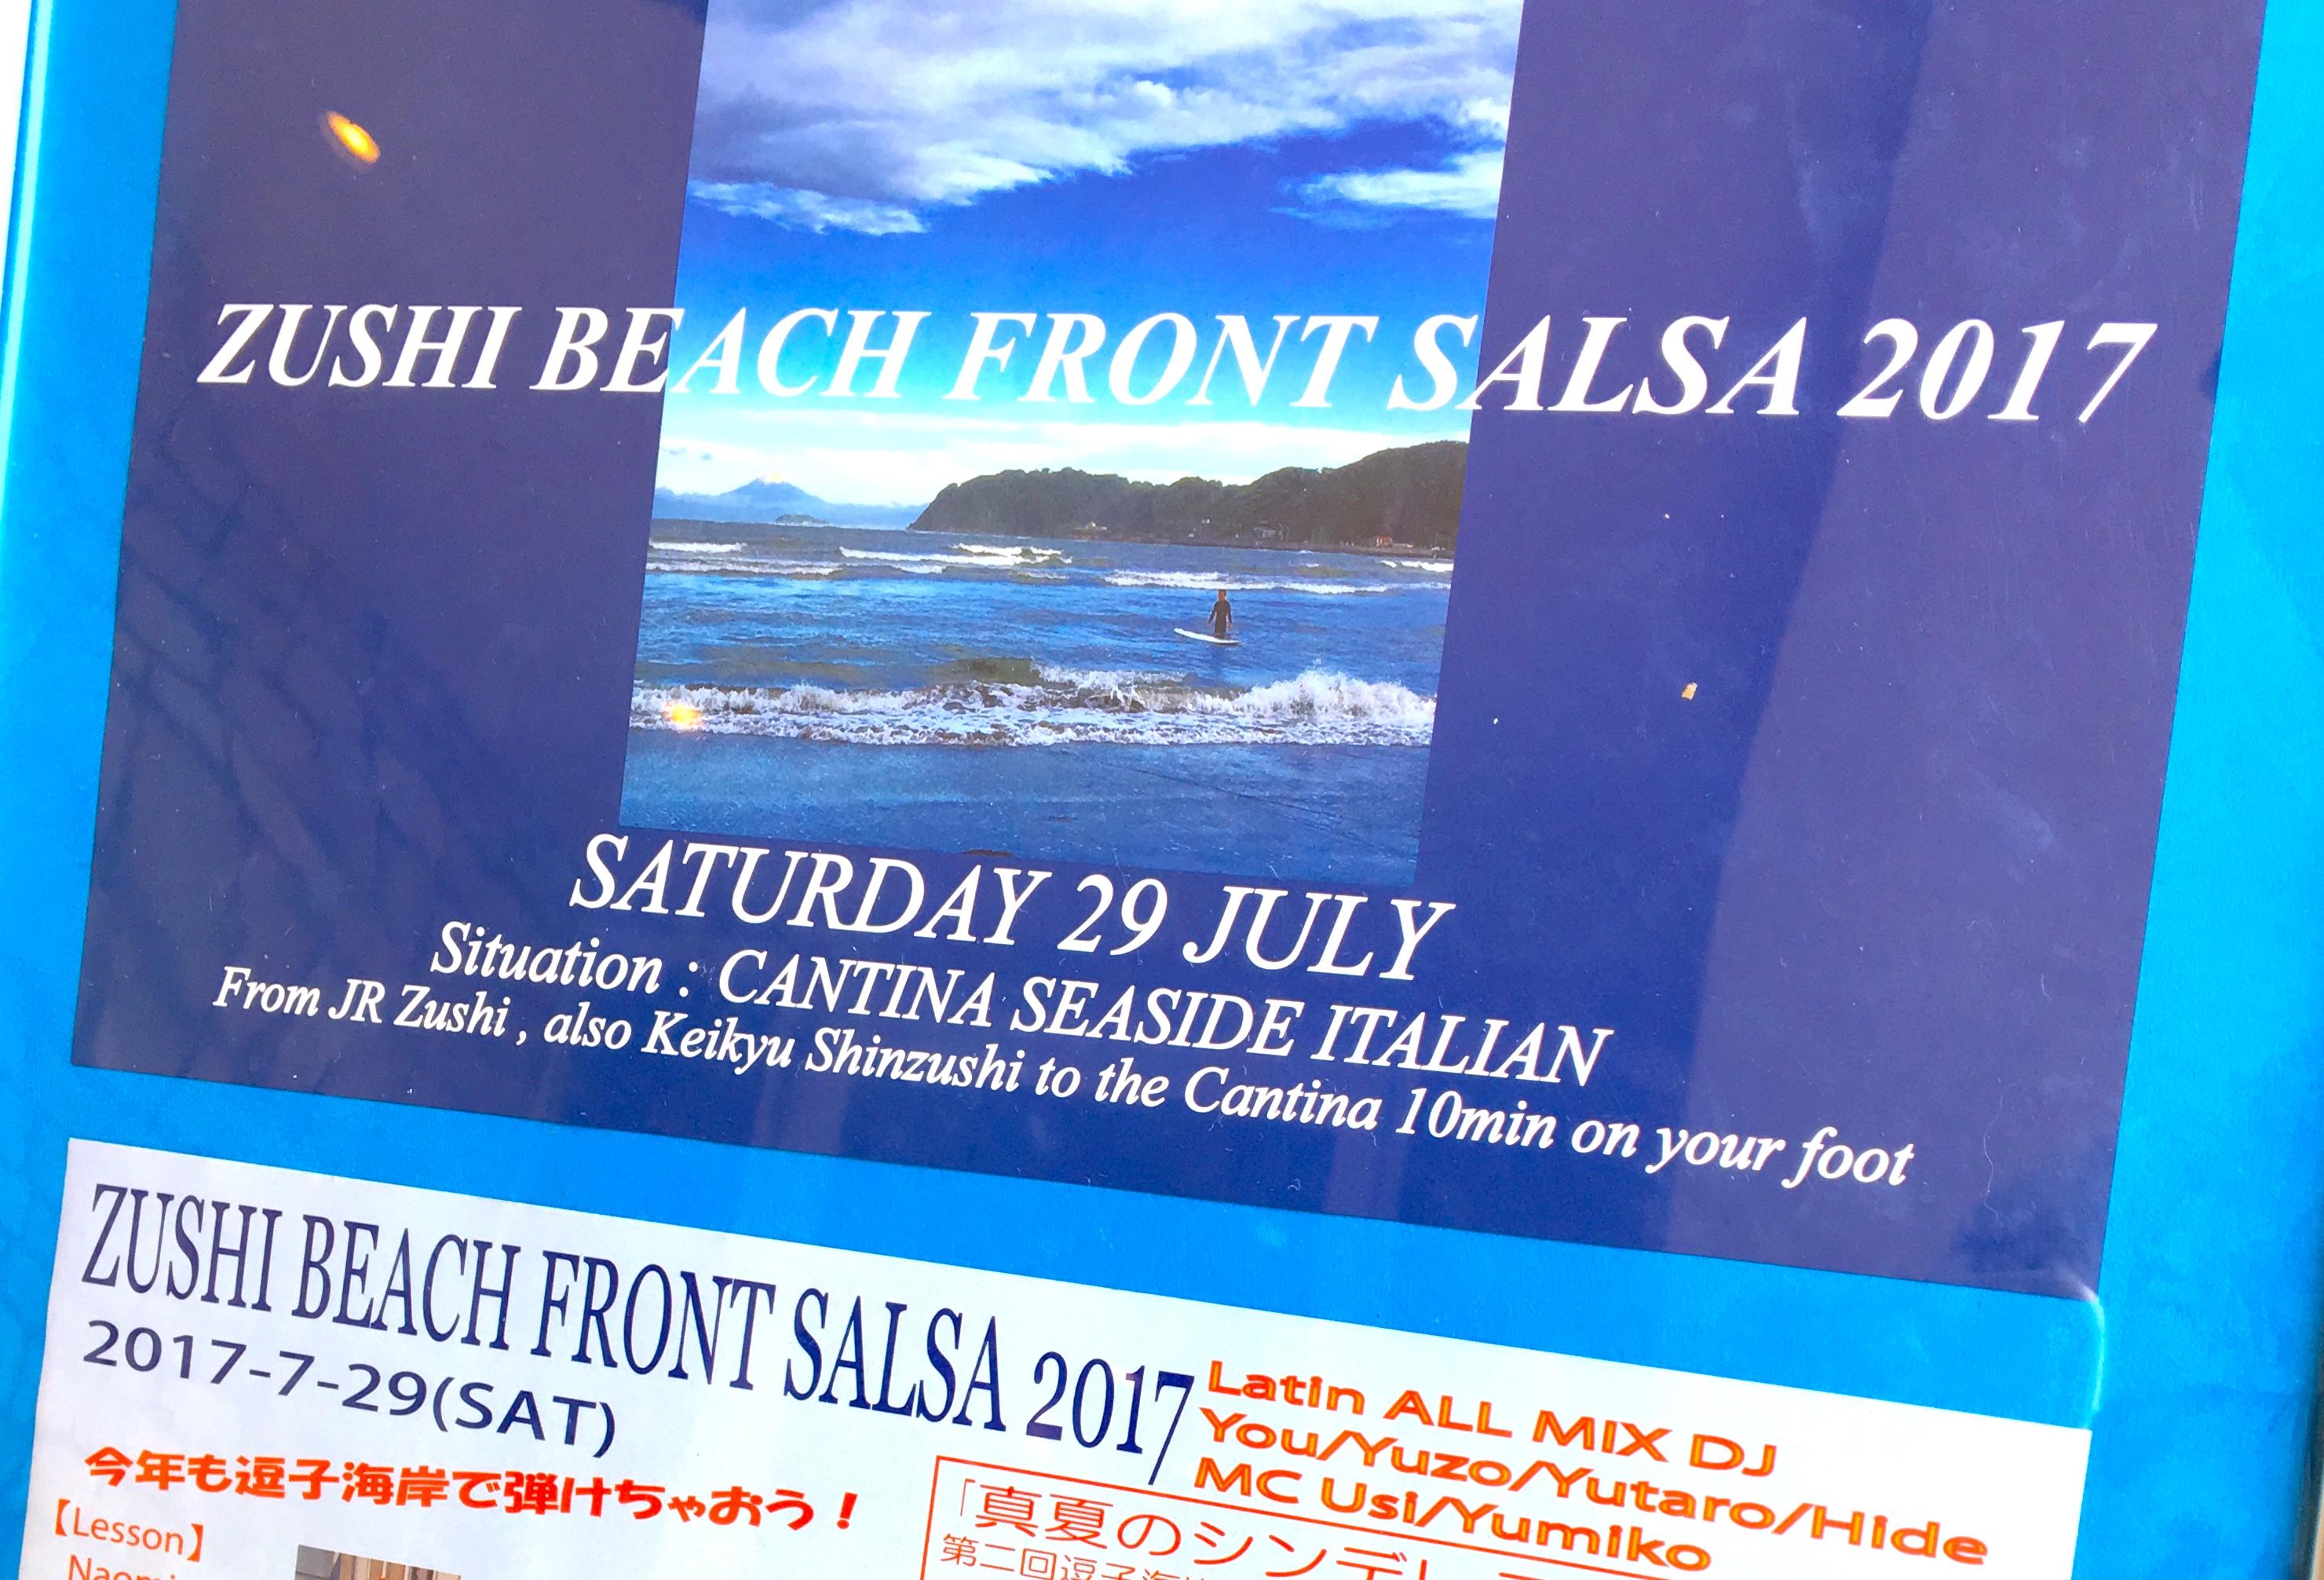 逗子海岸でビーチサルサのイベントに参加しました(全くのサルサ初心者です)